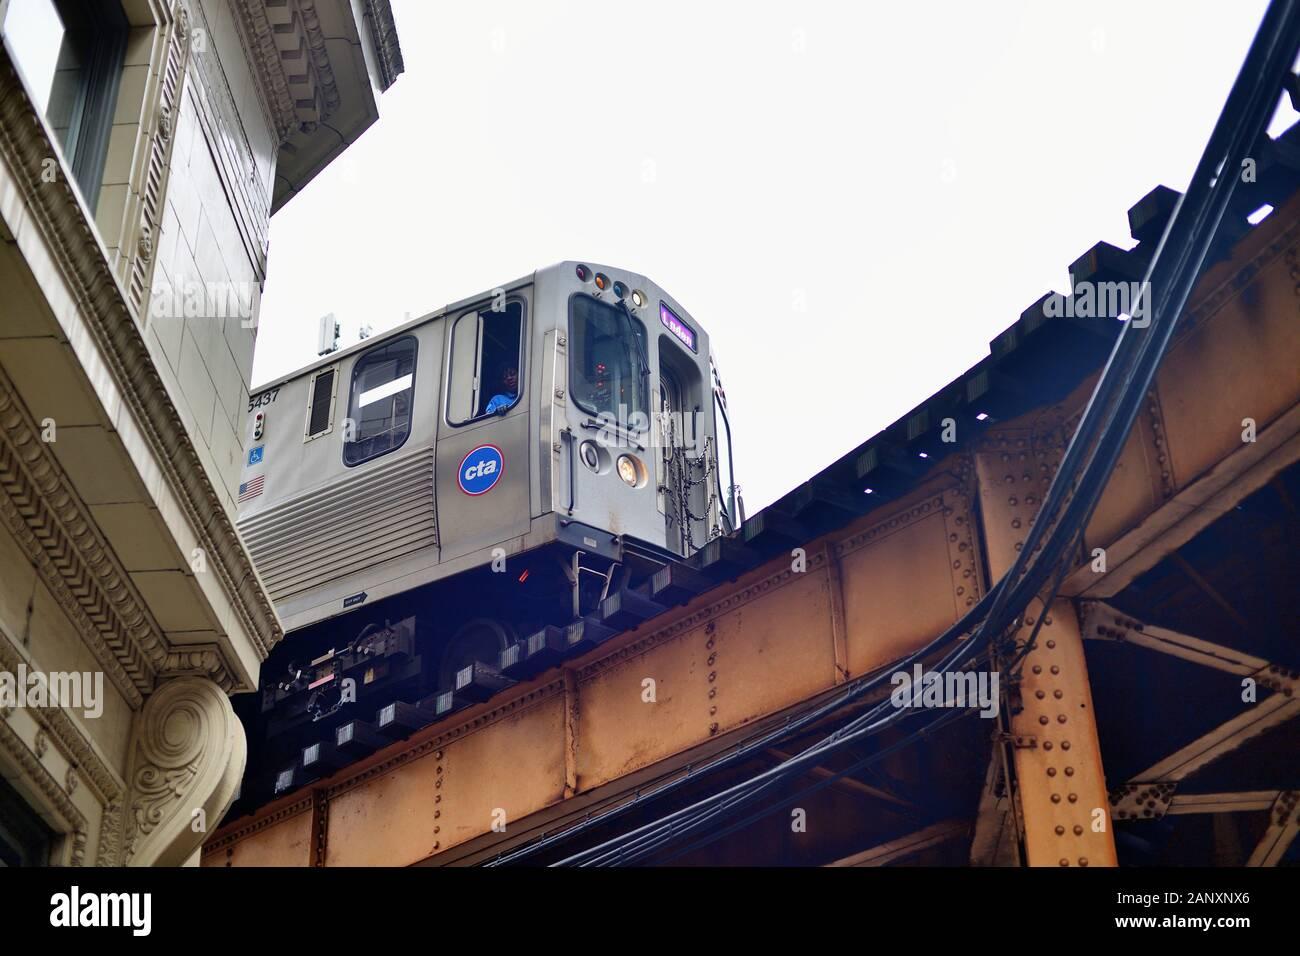 Chicago, Illinois, USA. Une ligne violette CTA train élevé rend le virage serré à partir de au-dessus de Van Buren Street à Wells Street sur le célèbre Chicago Loop. Banque D'Images